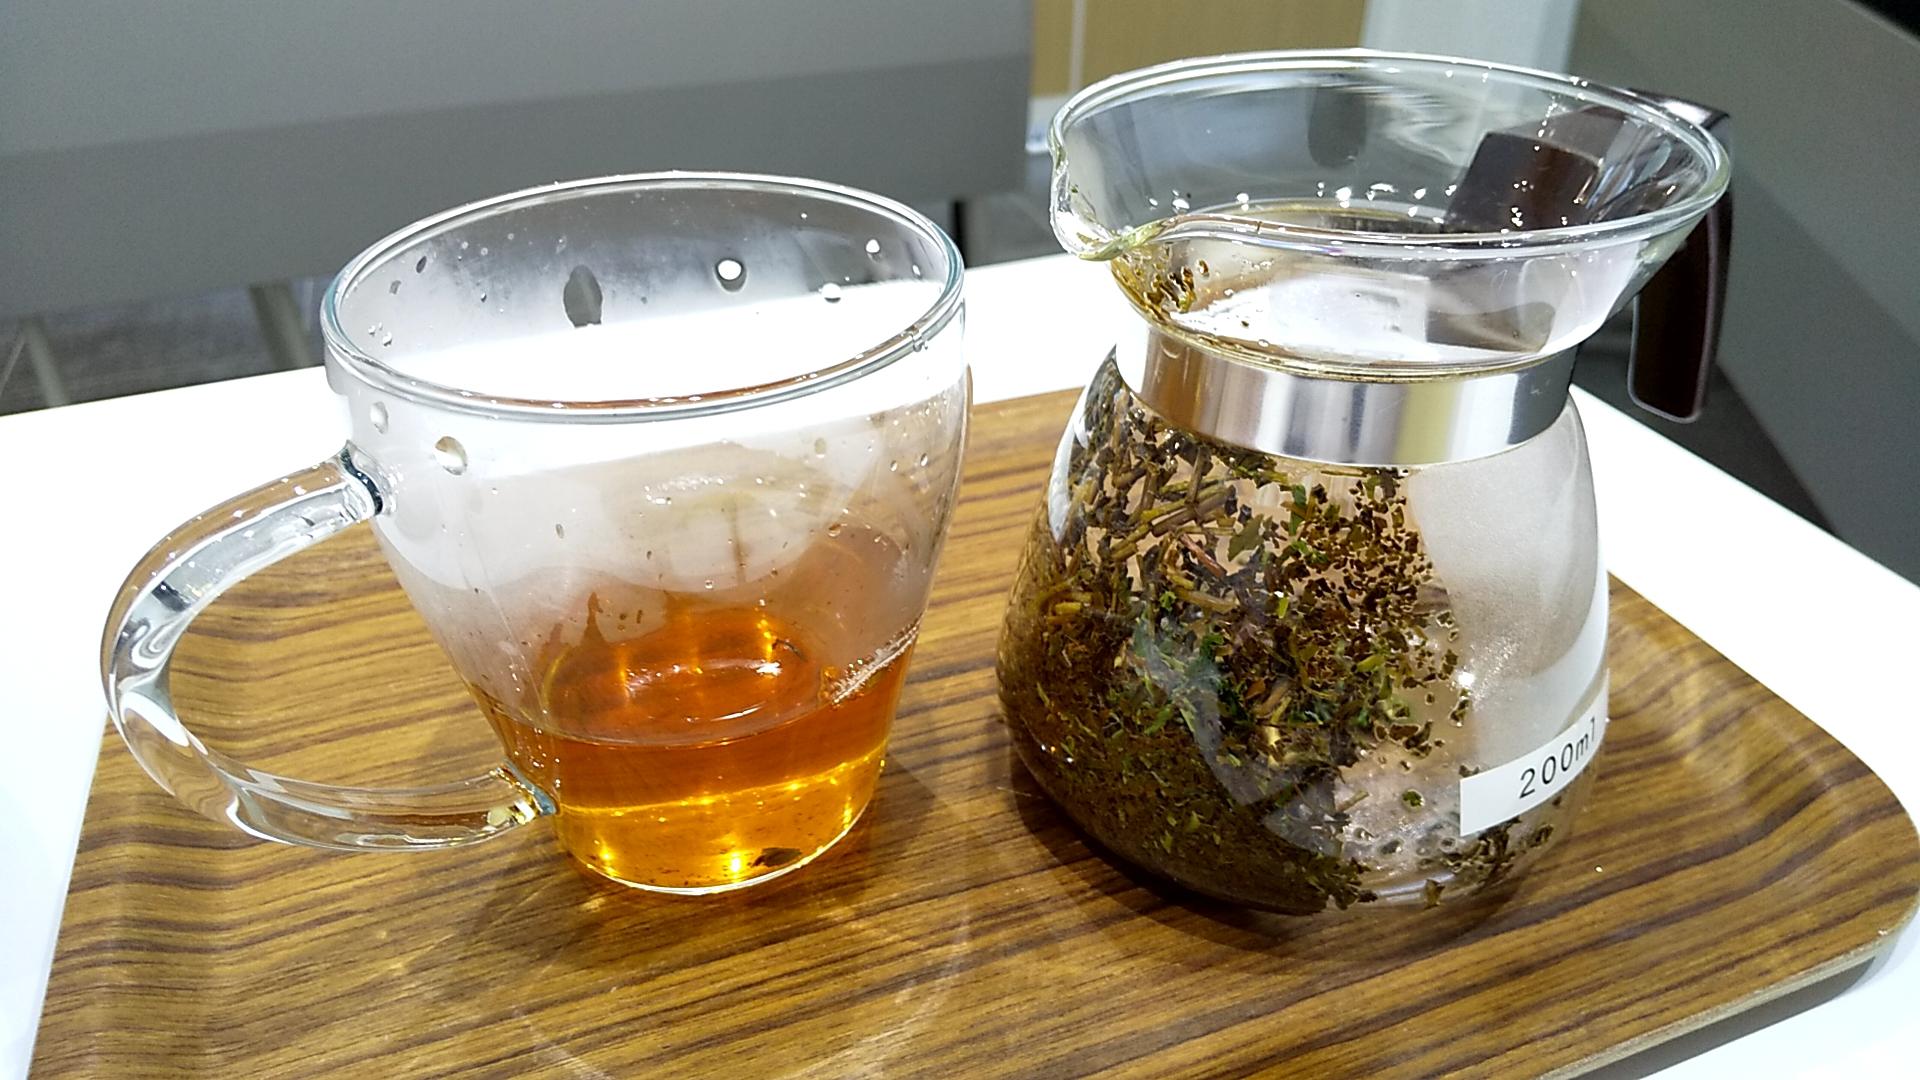 紅茶3g、ほうじ茶1g、普通蒸し煎茶1gのブレンド茶